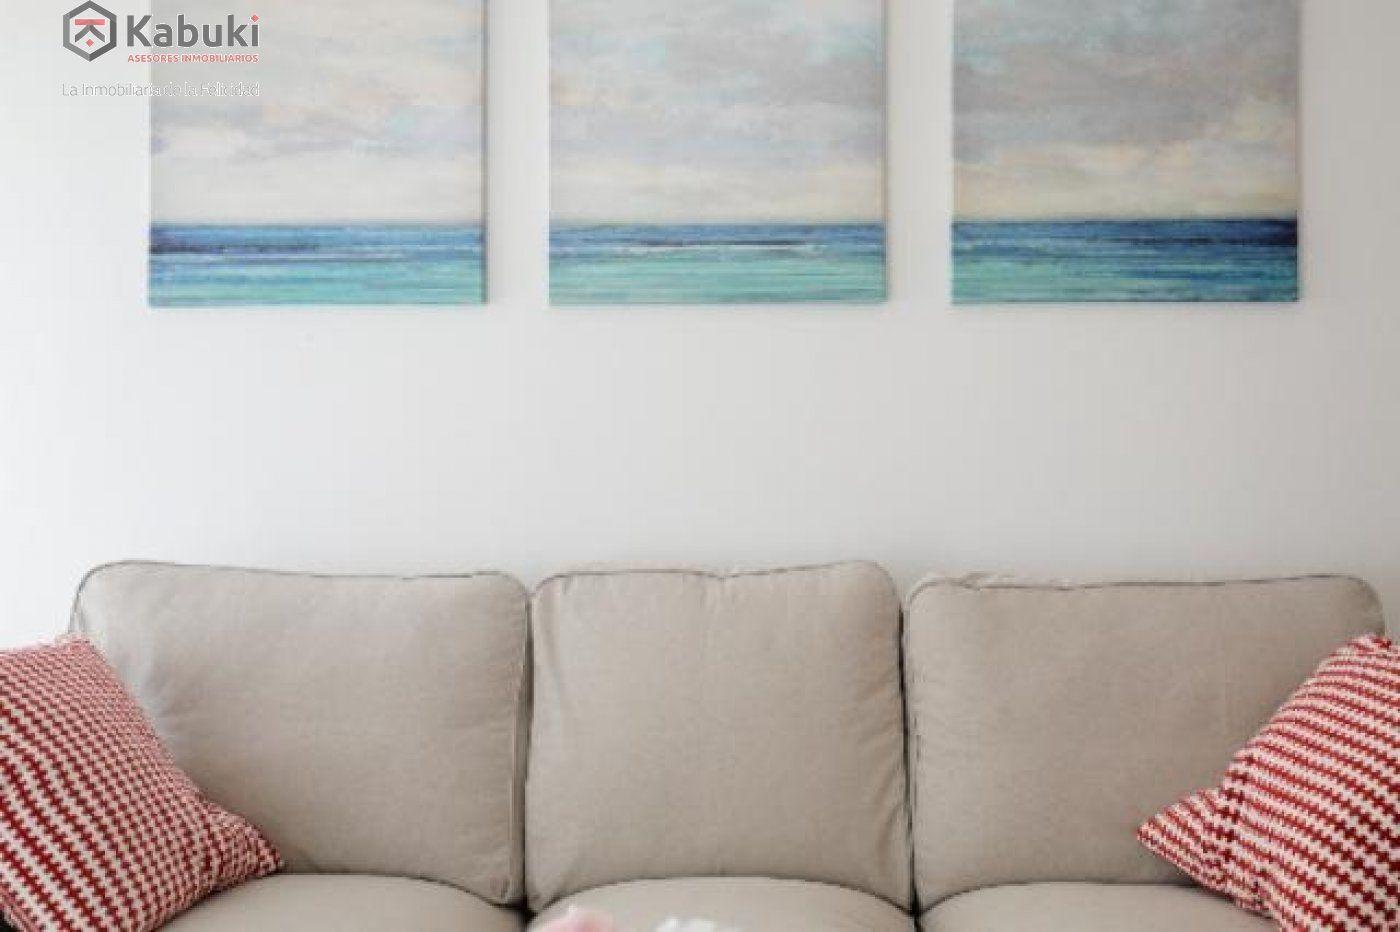 Coqueto y luminoso apartamento en un entorno privilegiado junto a los cahorros - imagenInmueble4